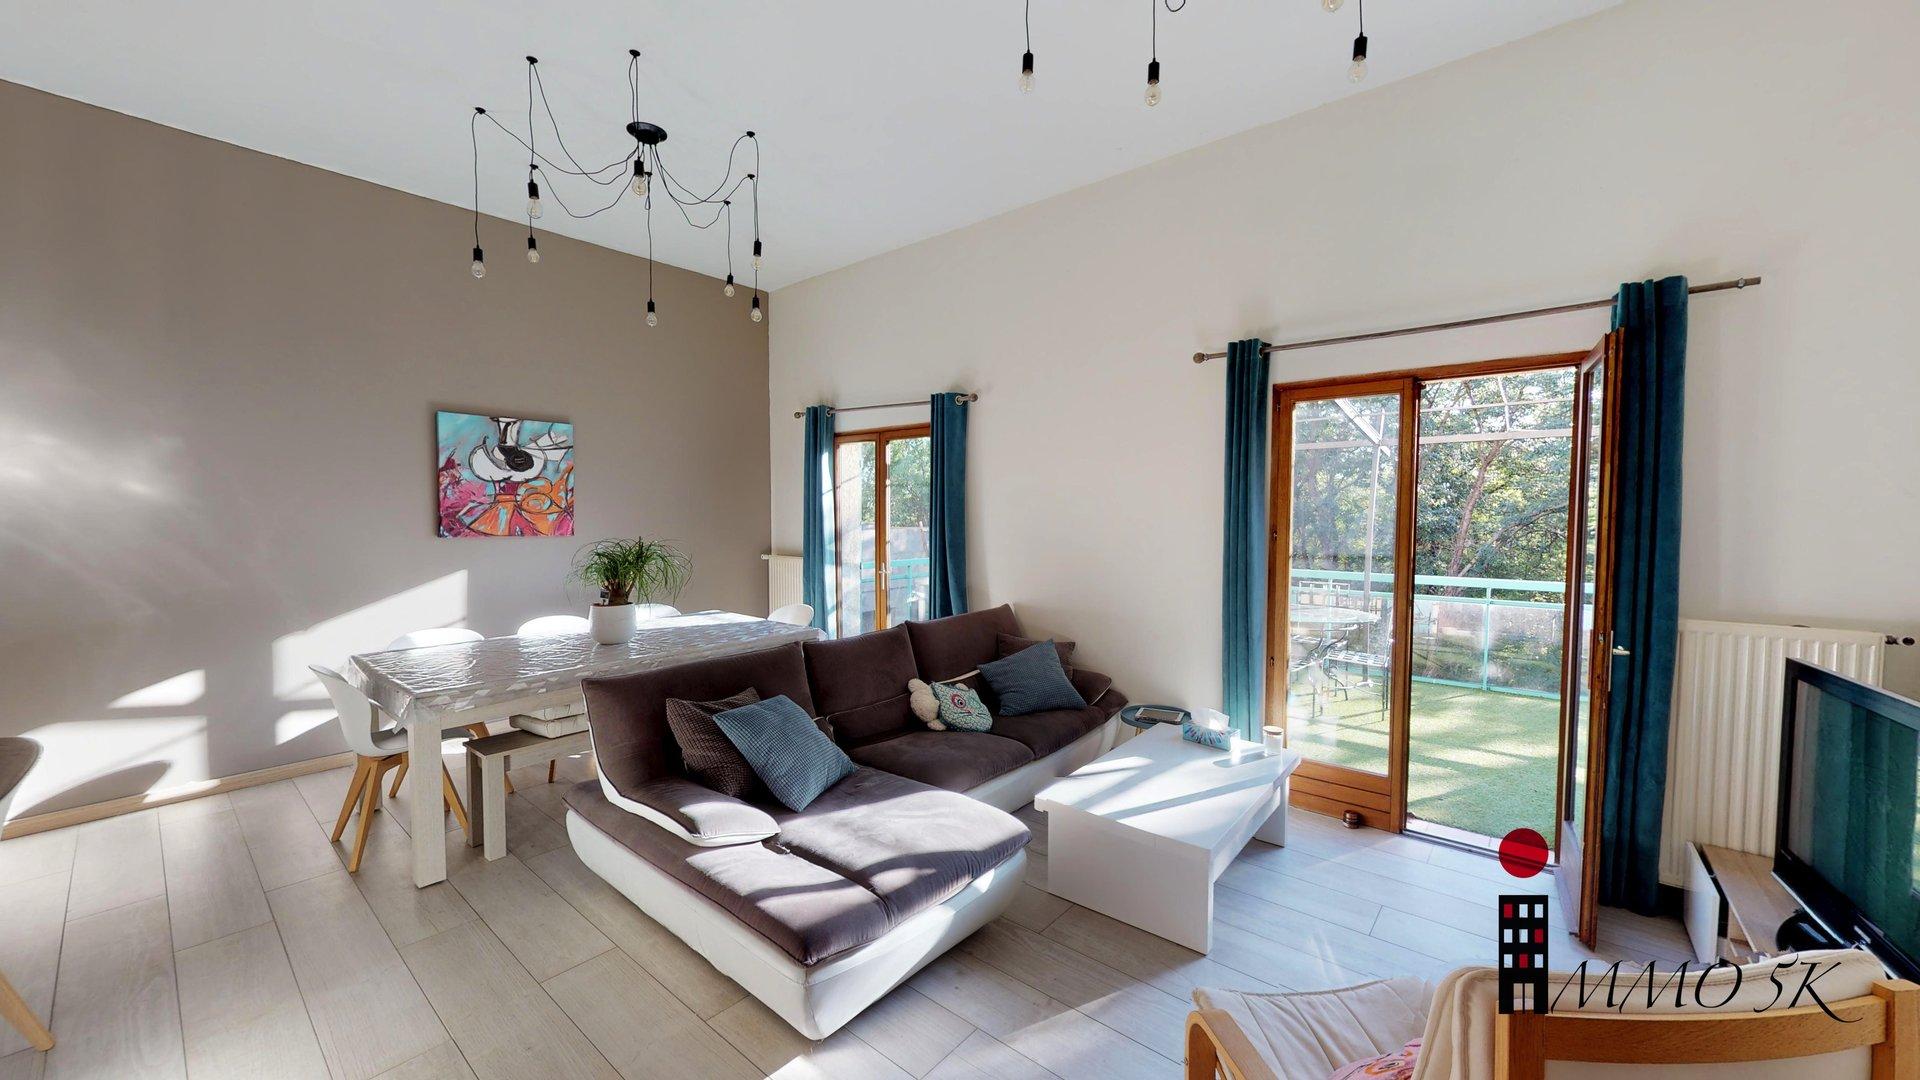 Maison 138,91m2 habitables - 6 pièces - 4 chambres - 369m2 Terrain